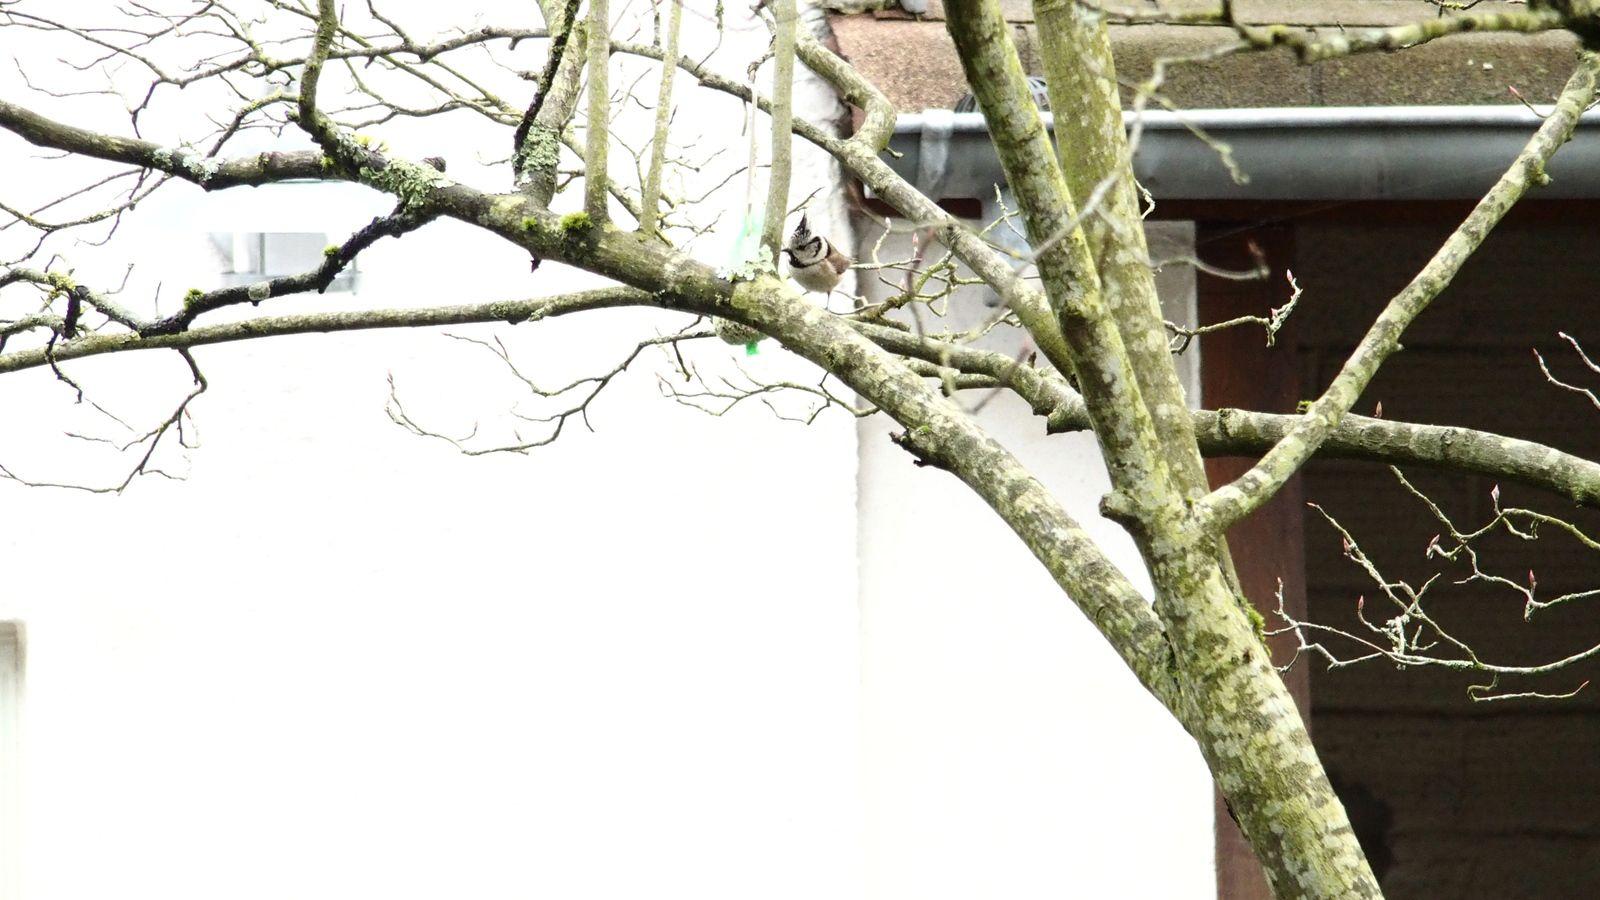 Mésange huppée, Orchidée (Ophrys abeille), Abeille domestique, Cétoine dorée, Papillon Flambé sur Seringa, Lézard des murailles, fleurs de la prairie fleurie rue de Patay